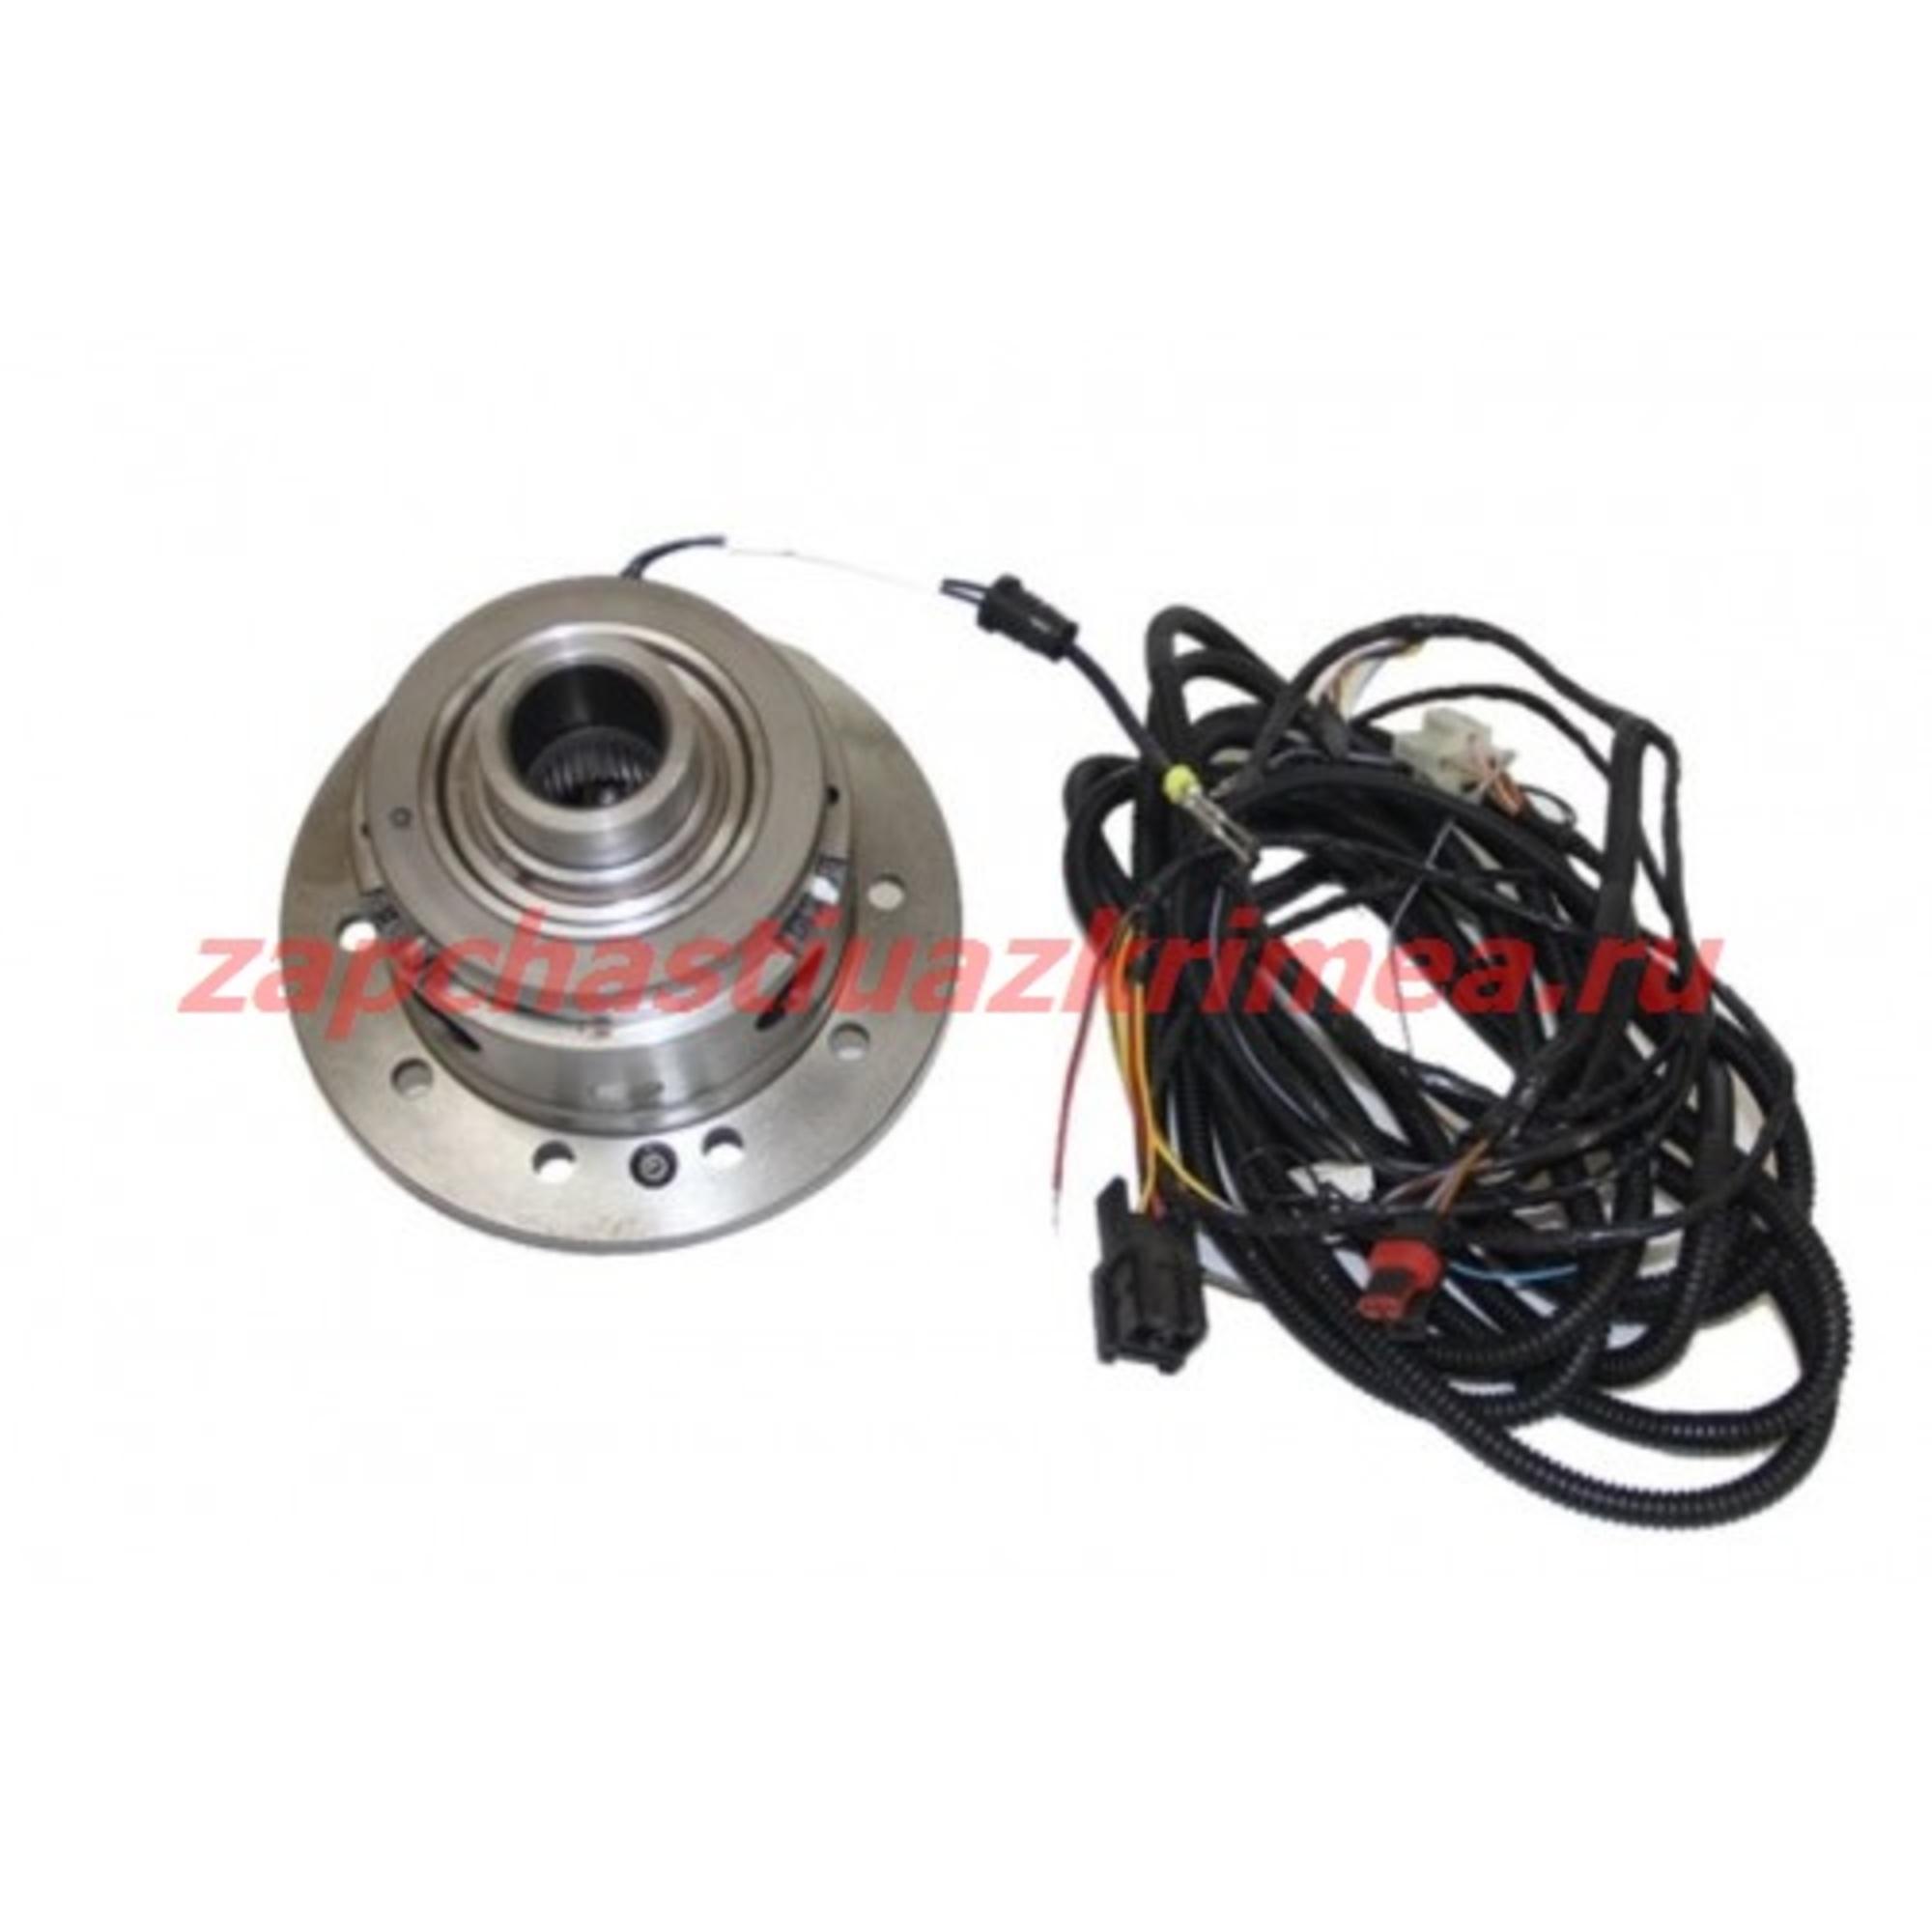 Дифференциал с электроблокировкой УАЗ под стандартные полуоси и ШРУСы (EATON) с проводкой